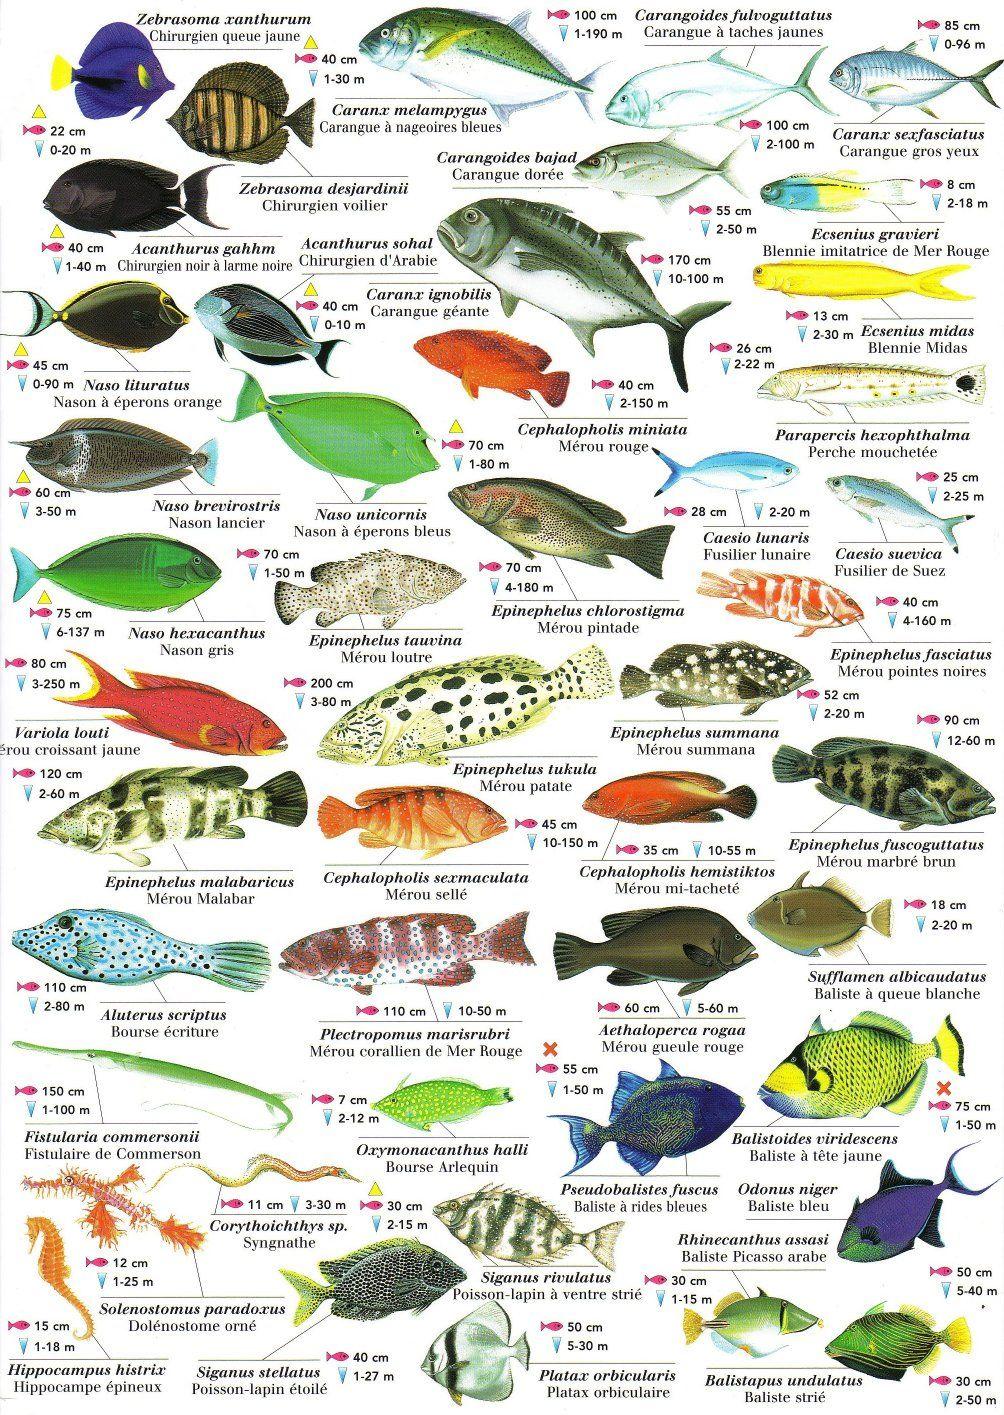 Les poissons de la mer rouge animaux aquatiques - Grand poisson de mer ...